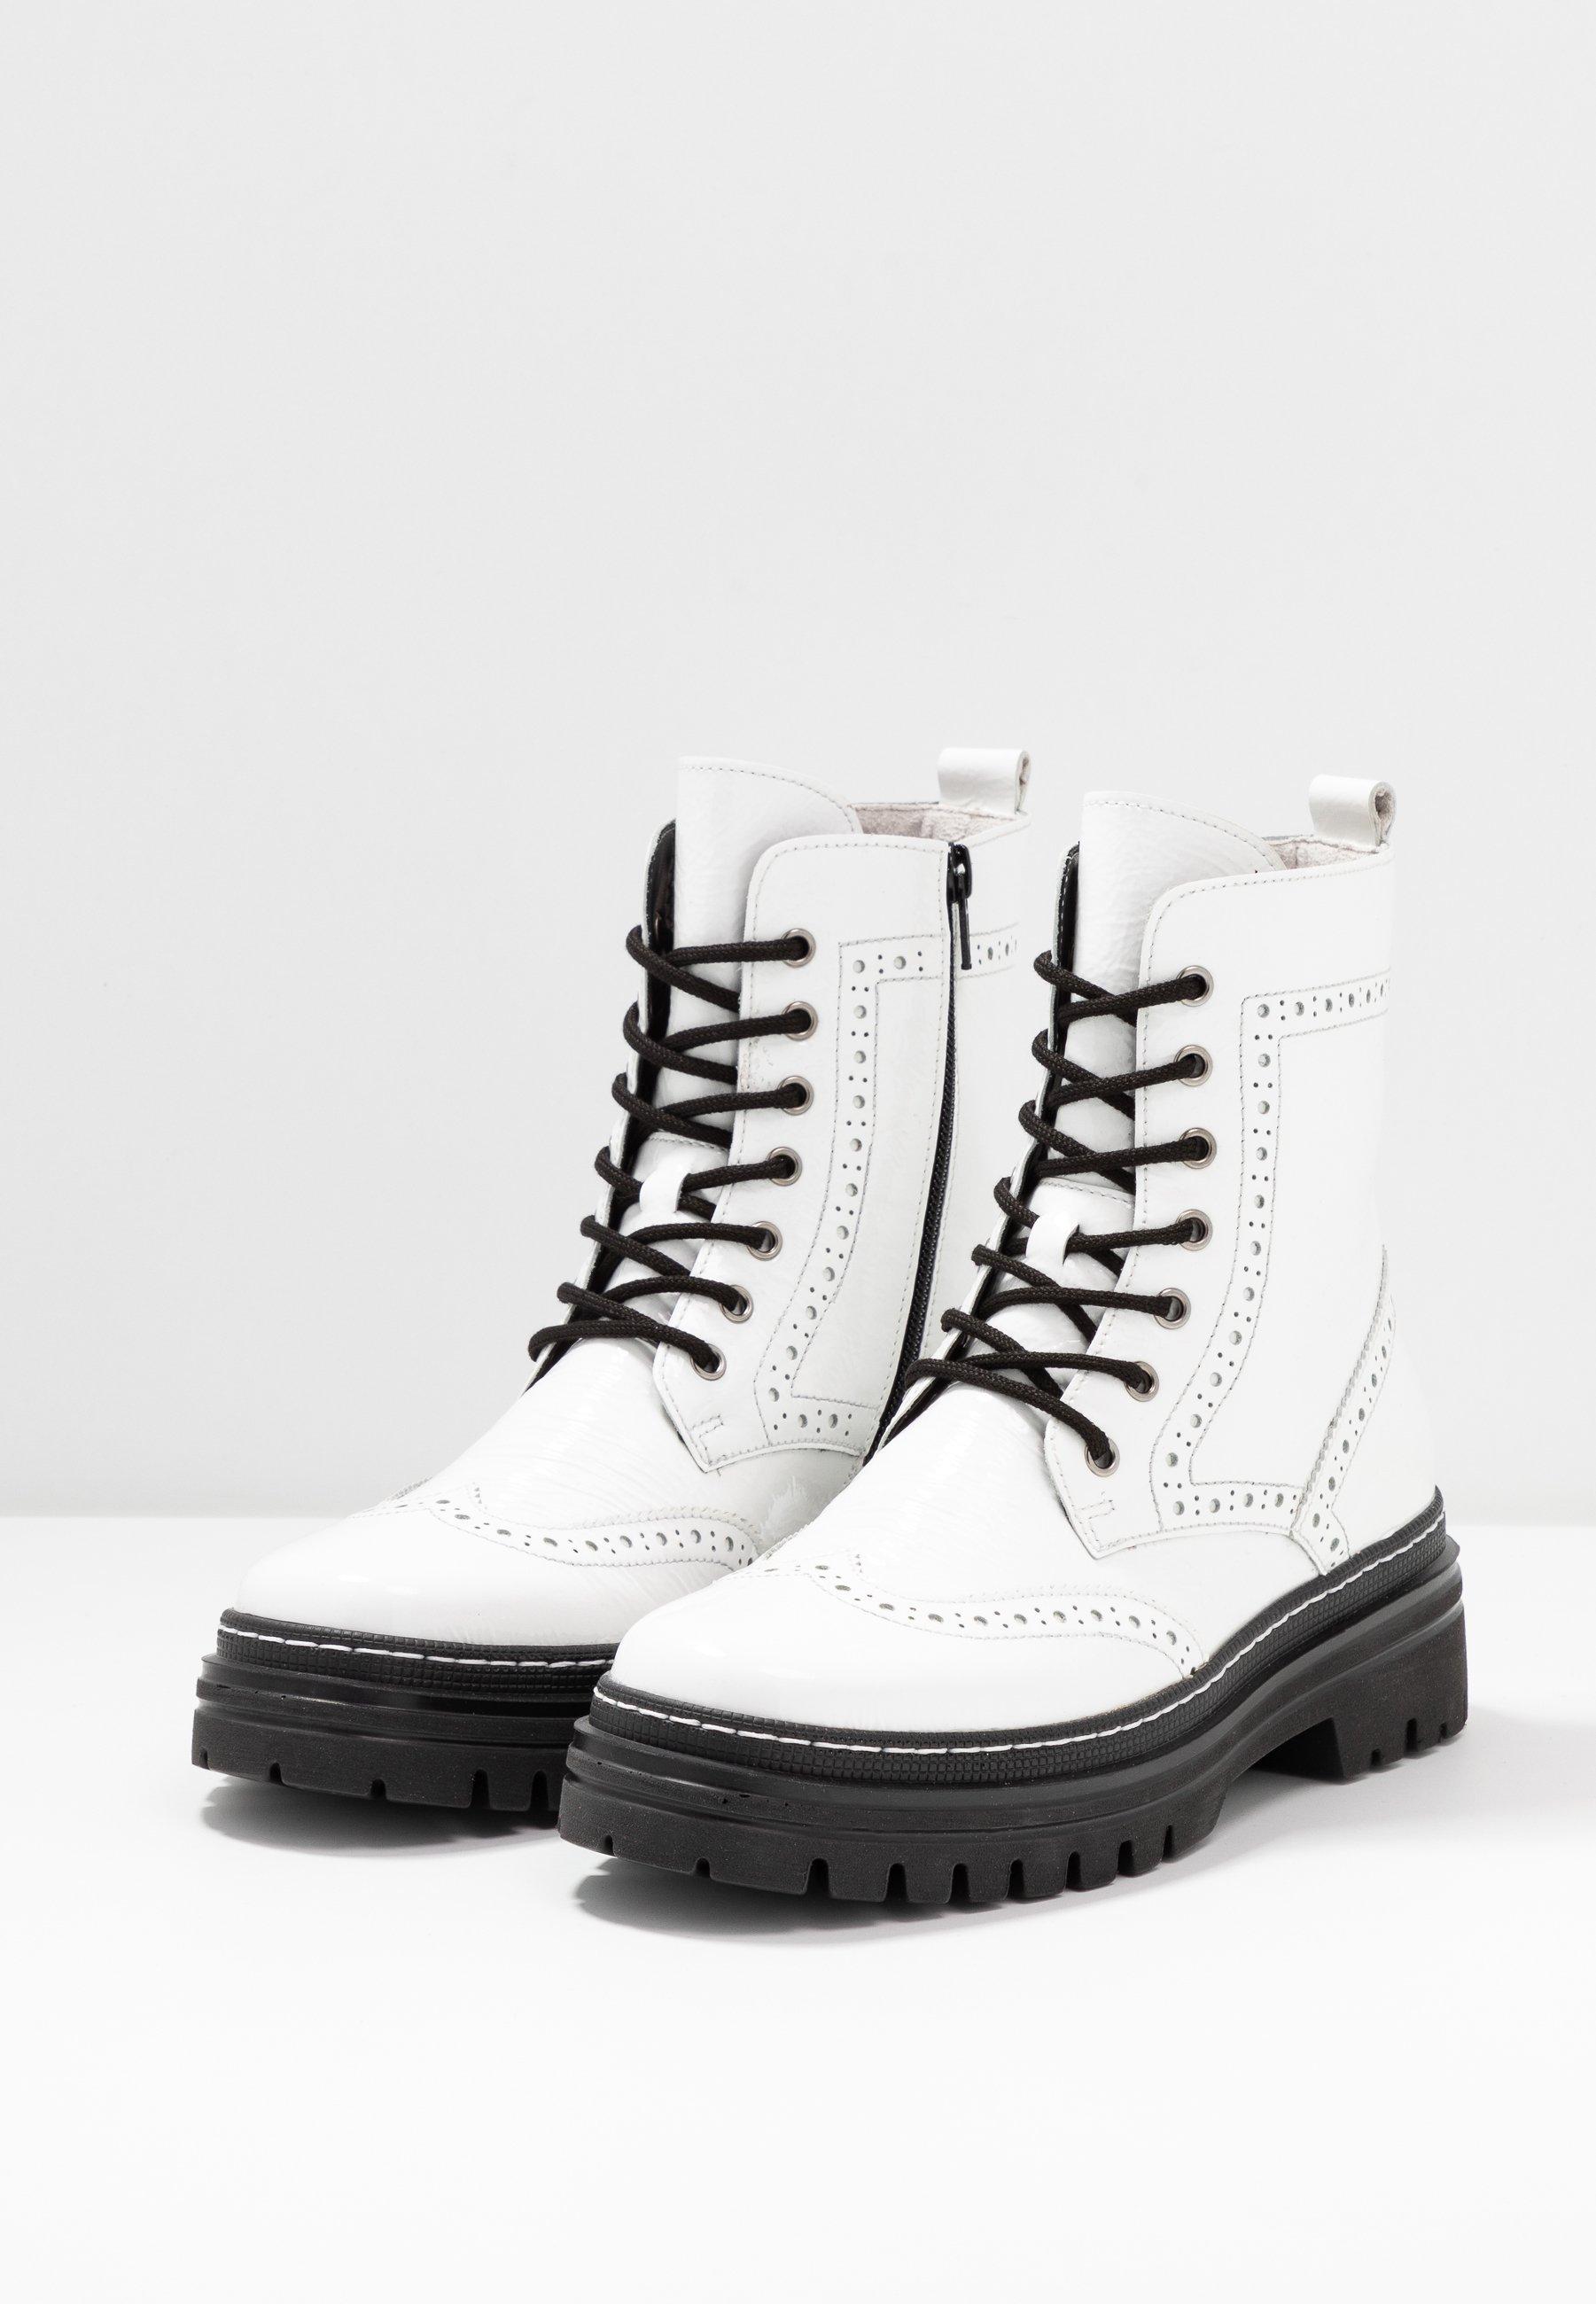 Gabor Plateaustiefelette weiß/schwarz/weiß